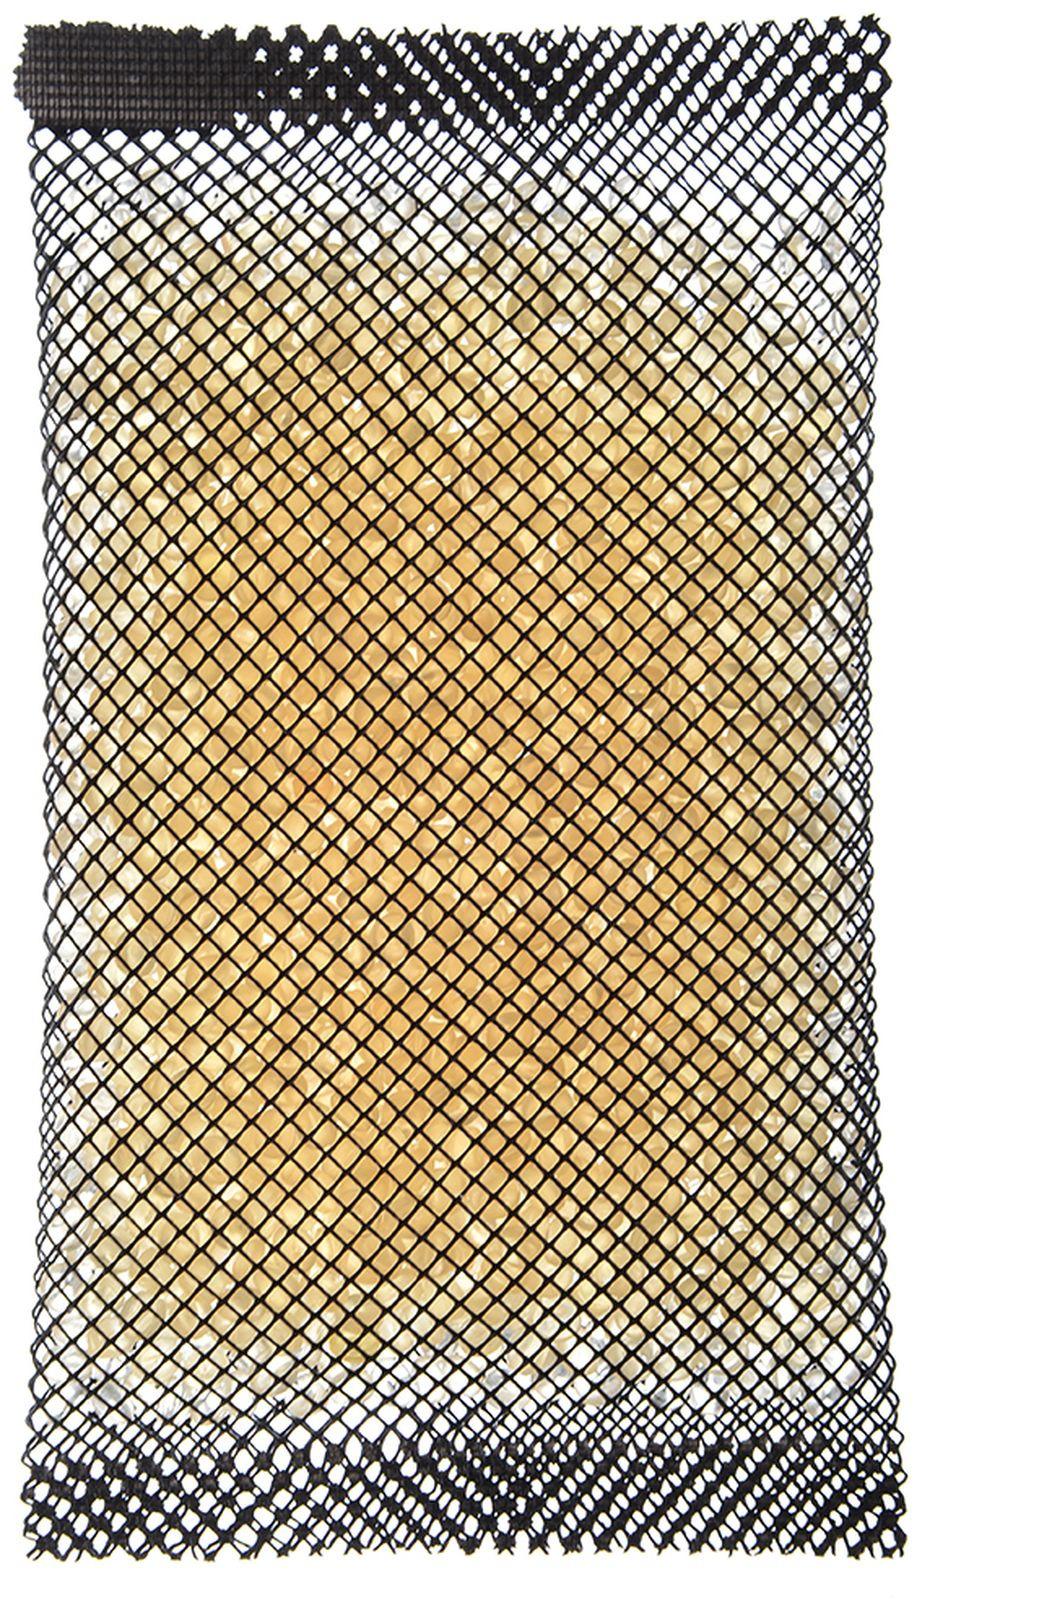 Ароматизатор автомобильный New Galaxy Fresh bag, 794227, ваниль, желтый ароматизатор fresh way парус машина капучино и ваниль